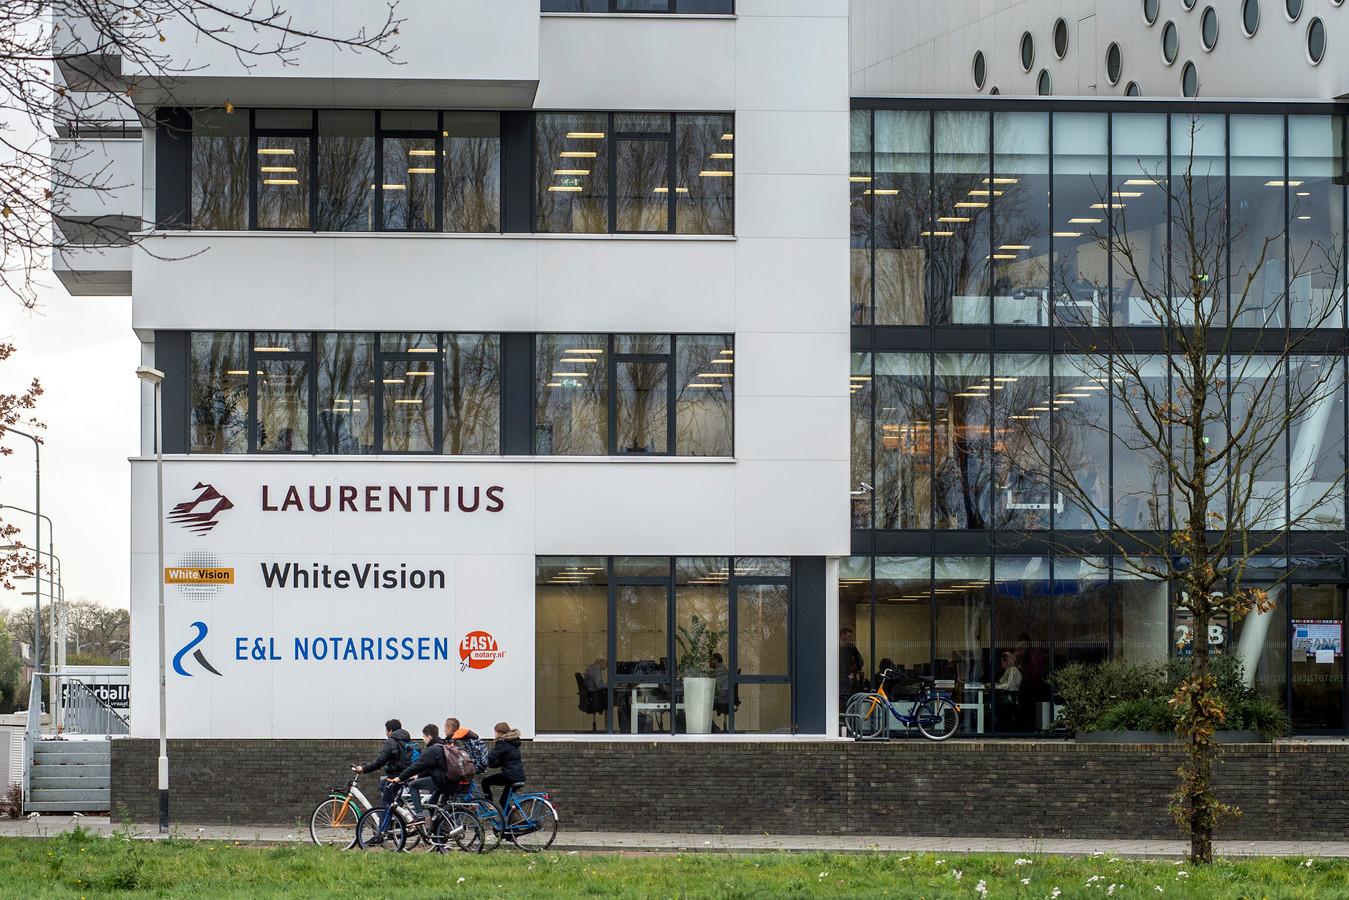 Oud-directeur Walter Vermeulen zou zijn voormalige werkgever Laurentius in Breda mogelijk voor tientallen miljoenen hebben opgelicht.